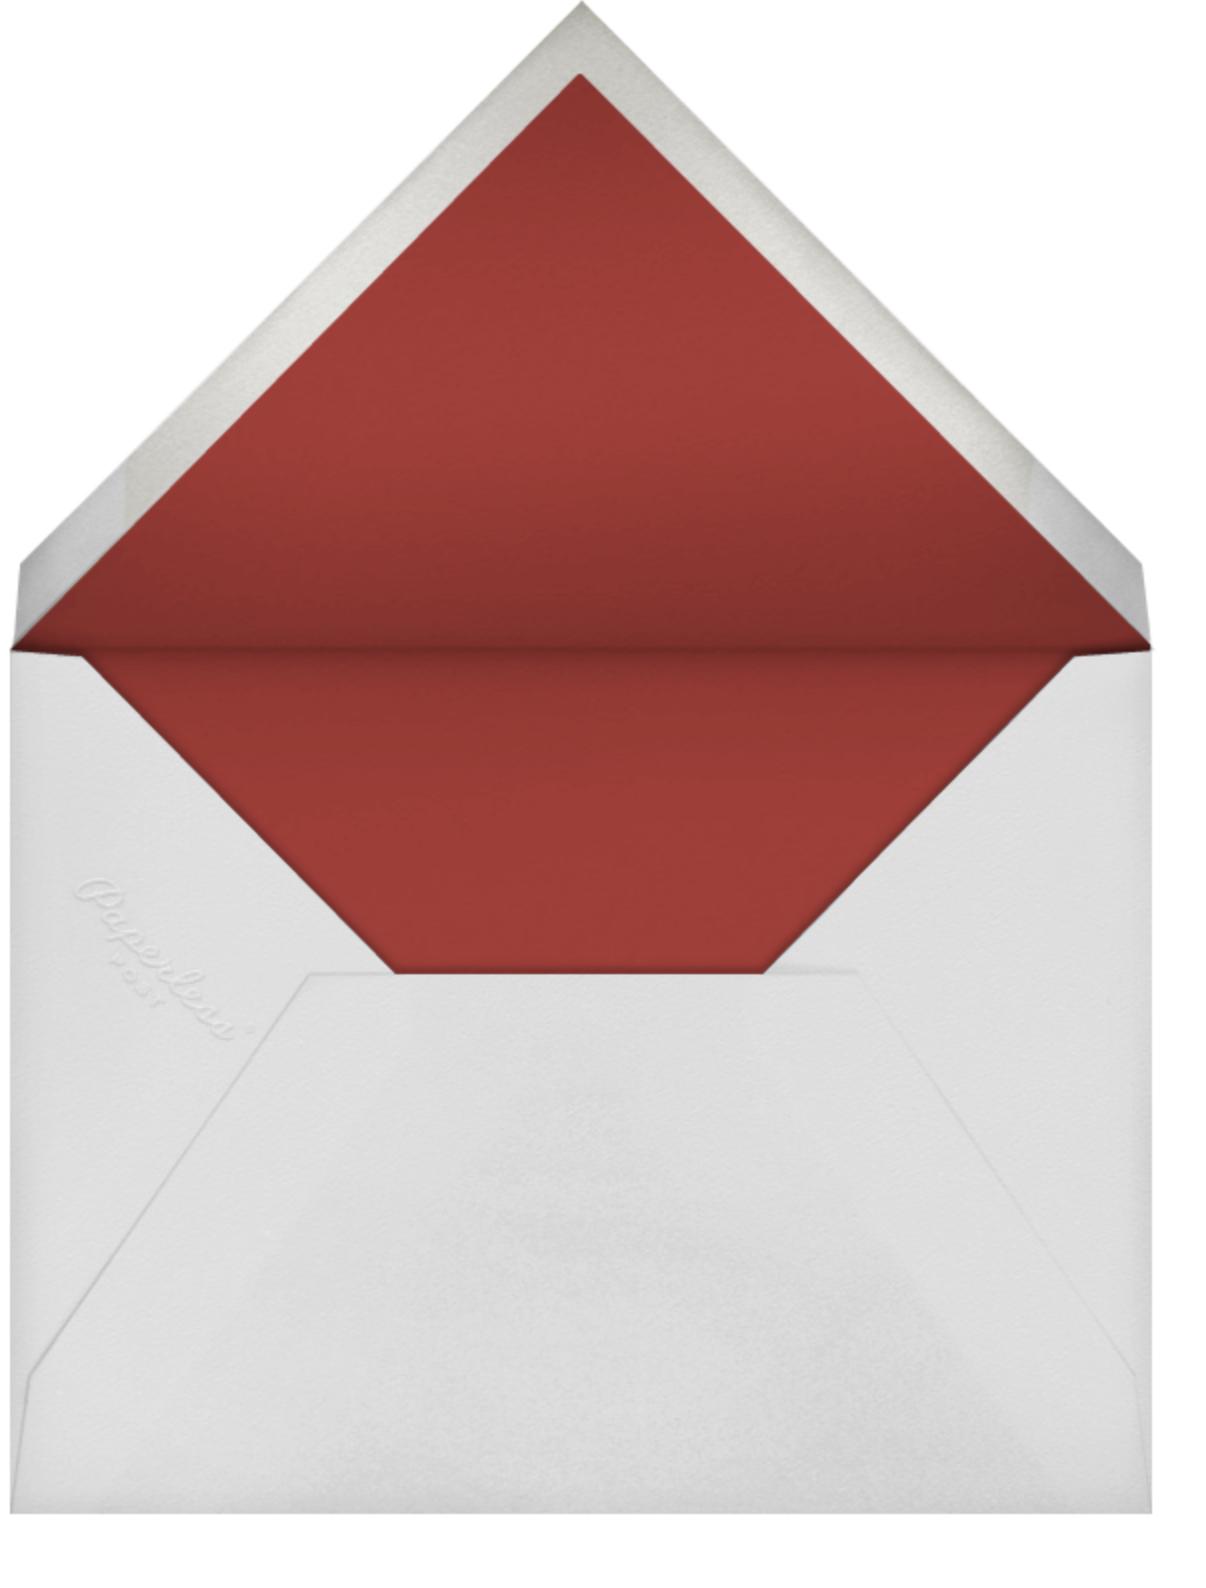 Ikat Floral - Navy/Gold - Oscar de la Renta - General entertaining - envelope back